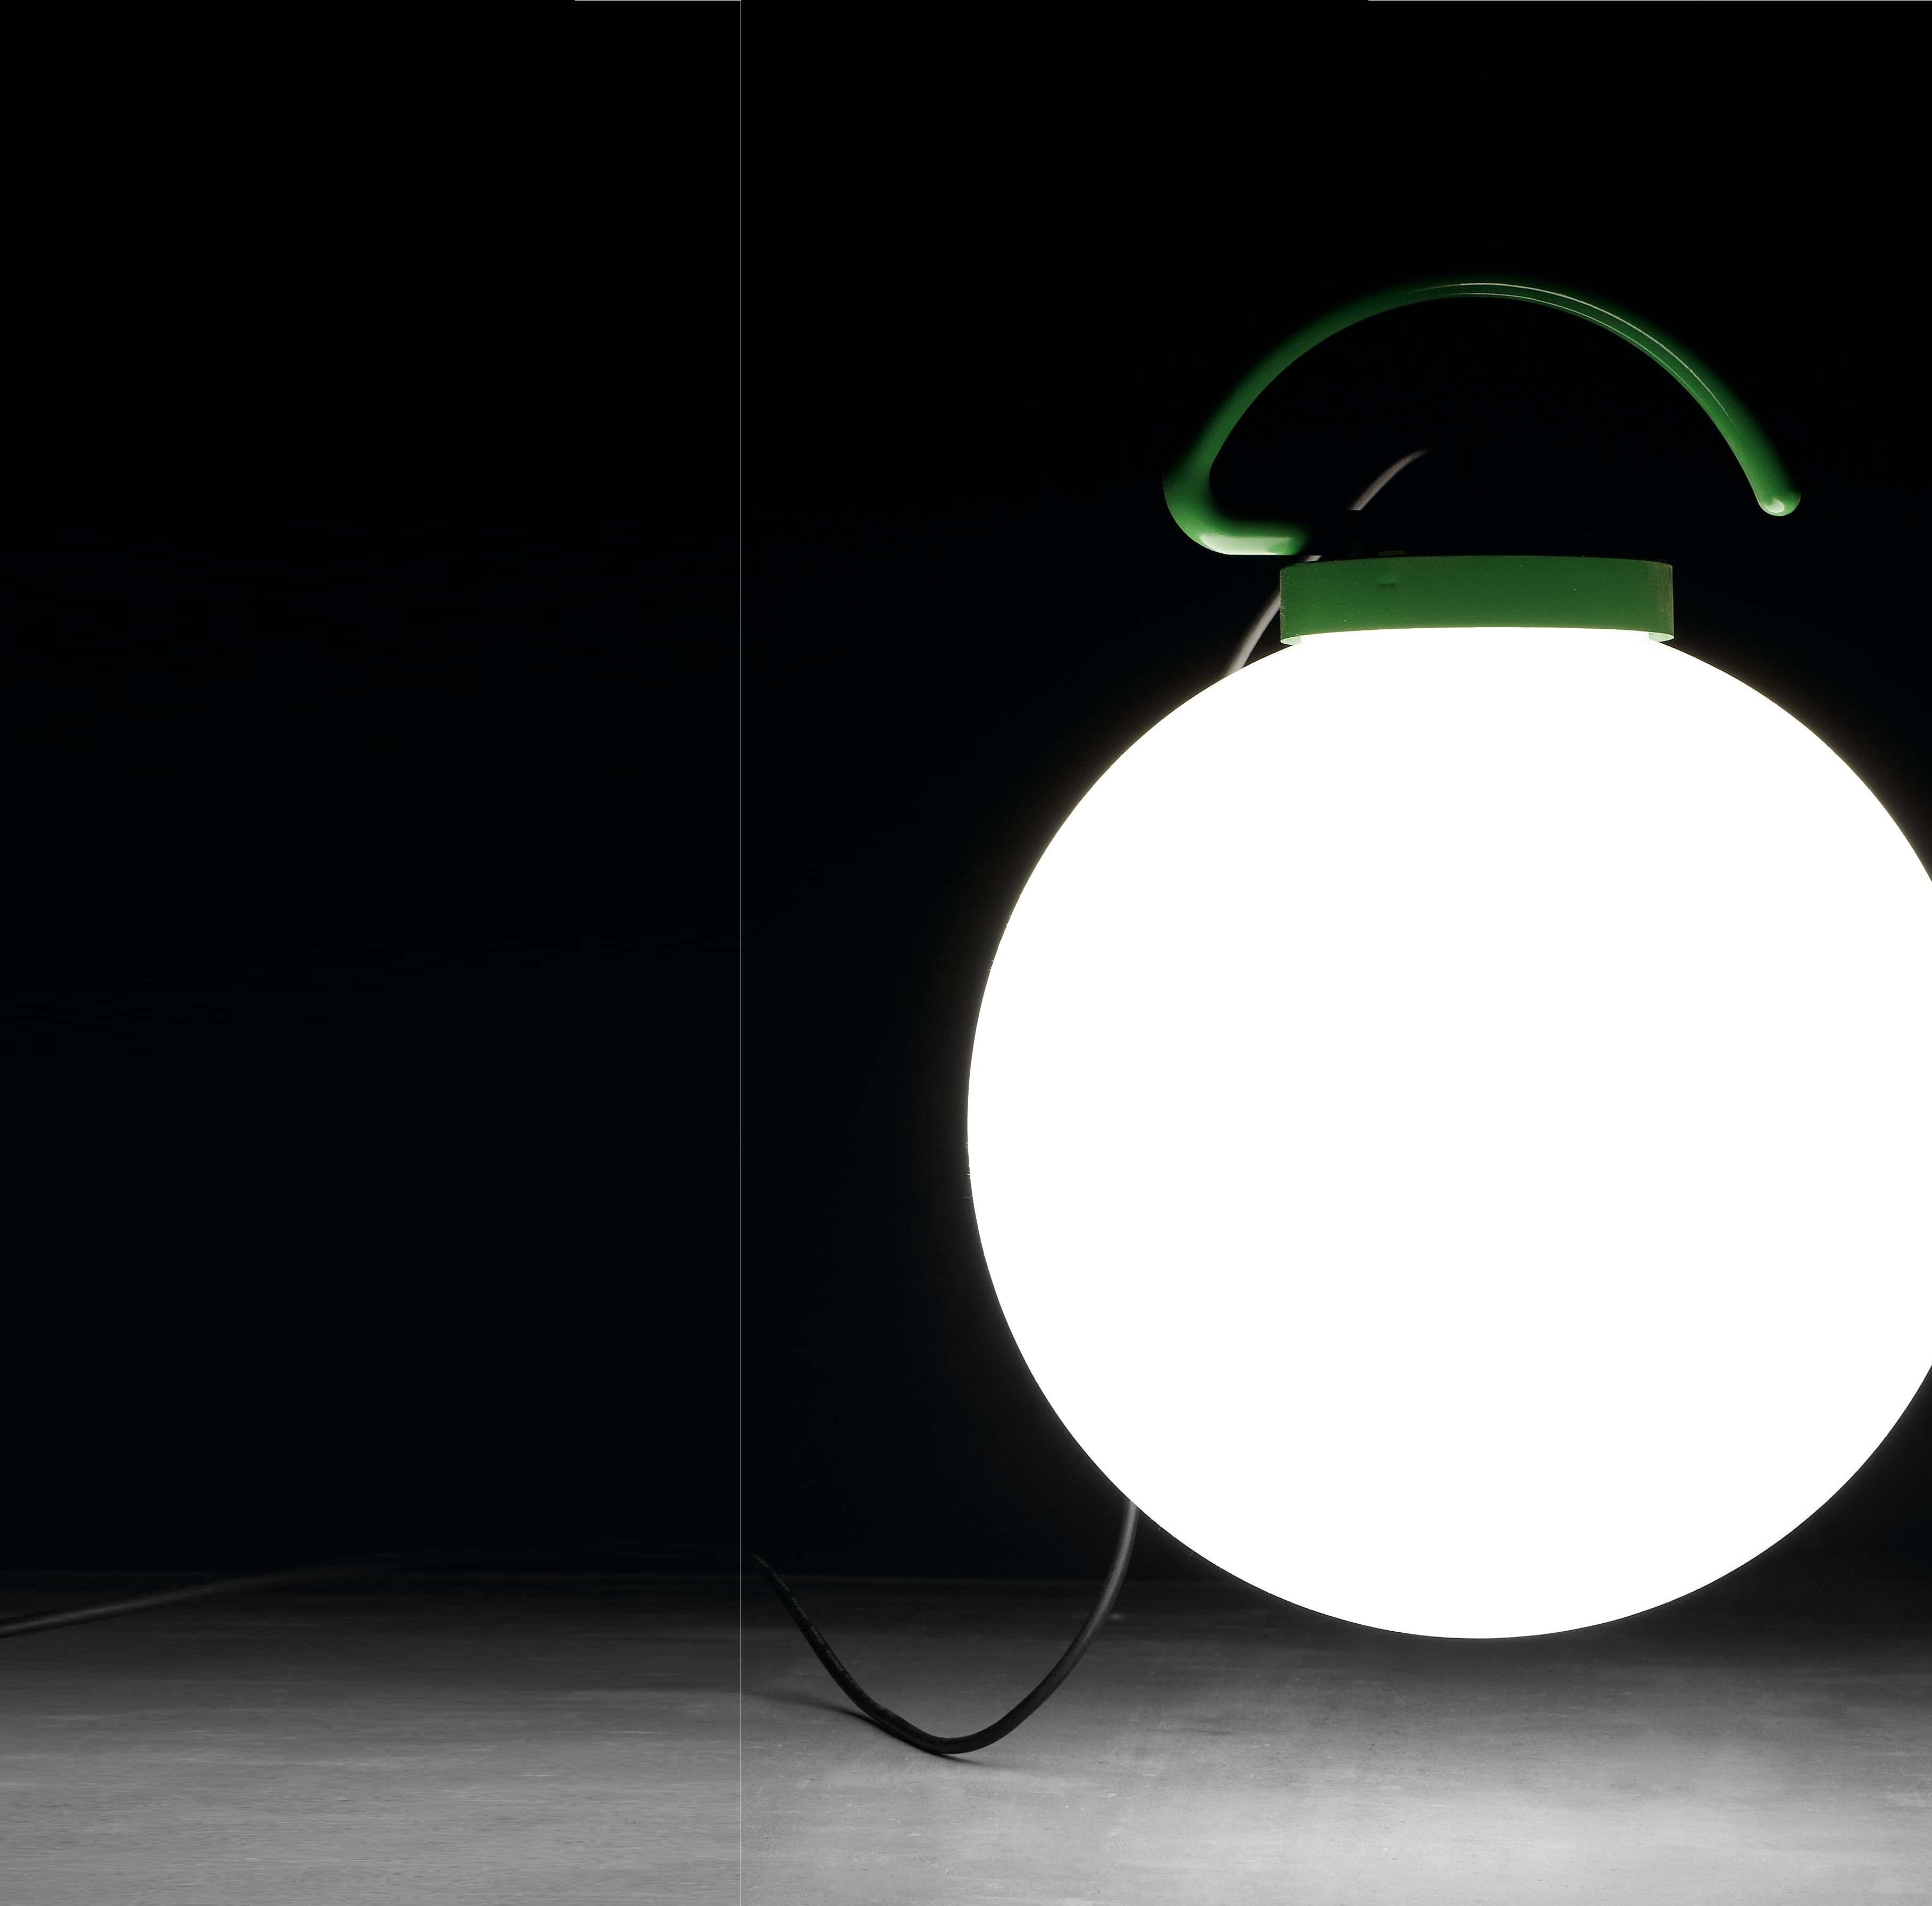 Lampe baladeuse d 39 ext rieur nuk blanc vert h41 6cm for Lampe chauffante exterieur